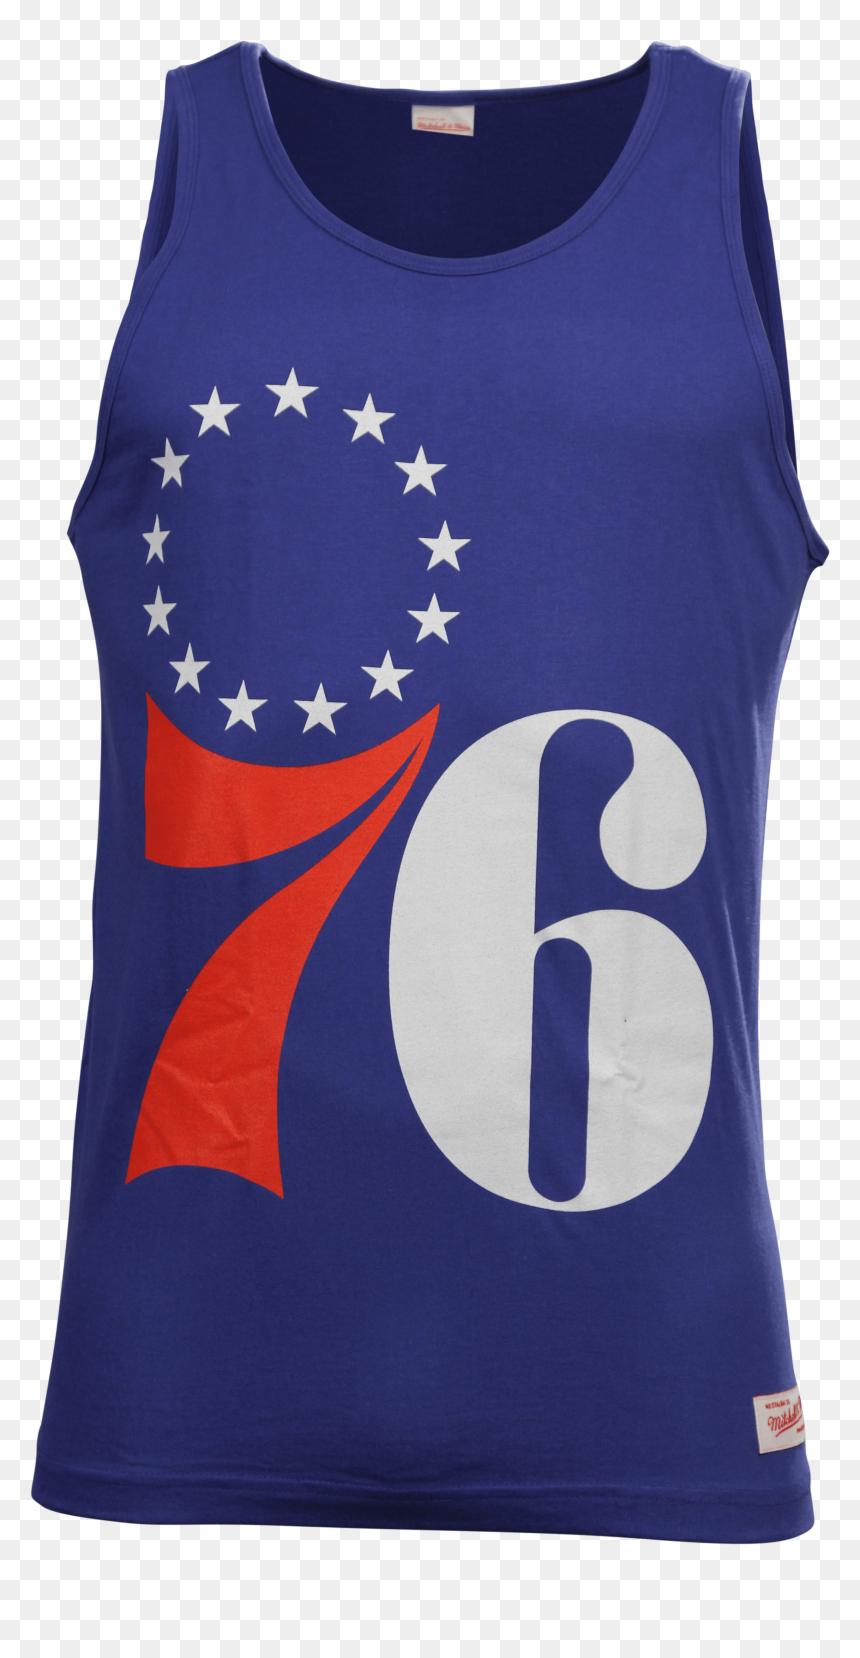 Ness Philadelphia 76ers Men S Team Logo Singlet Philadelphia 76ers Logo Hd Png Download Vhv